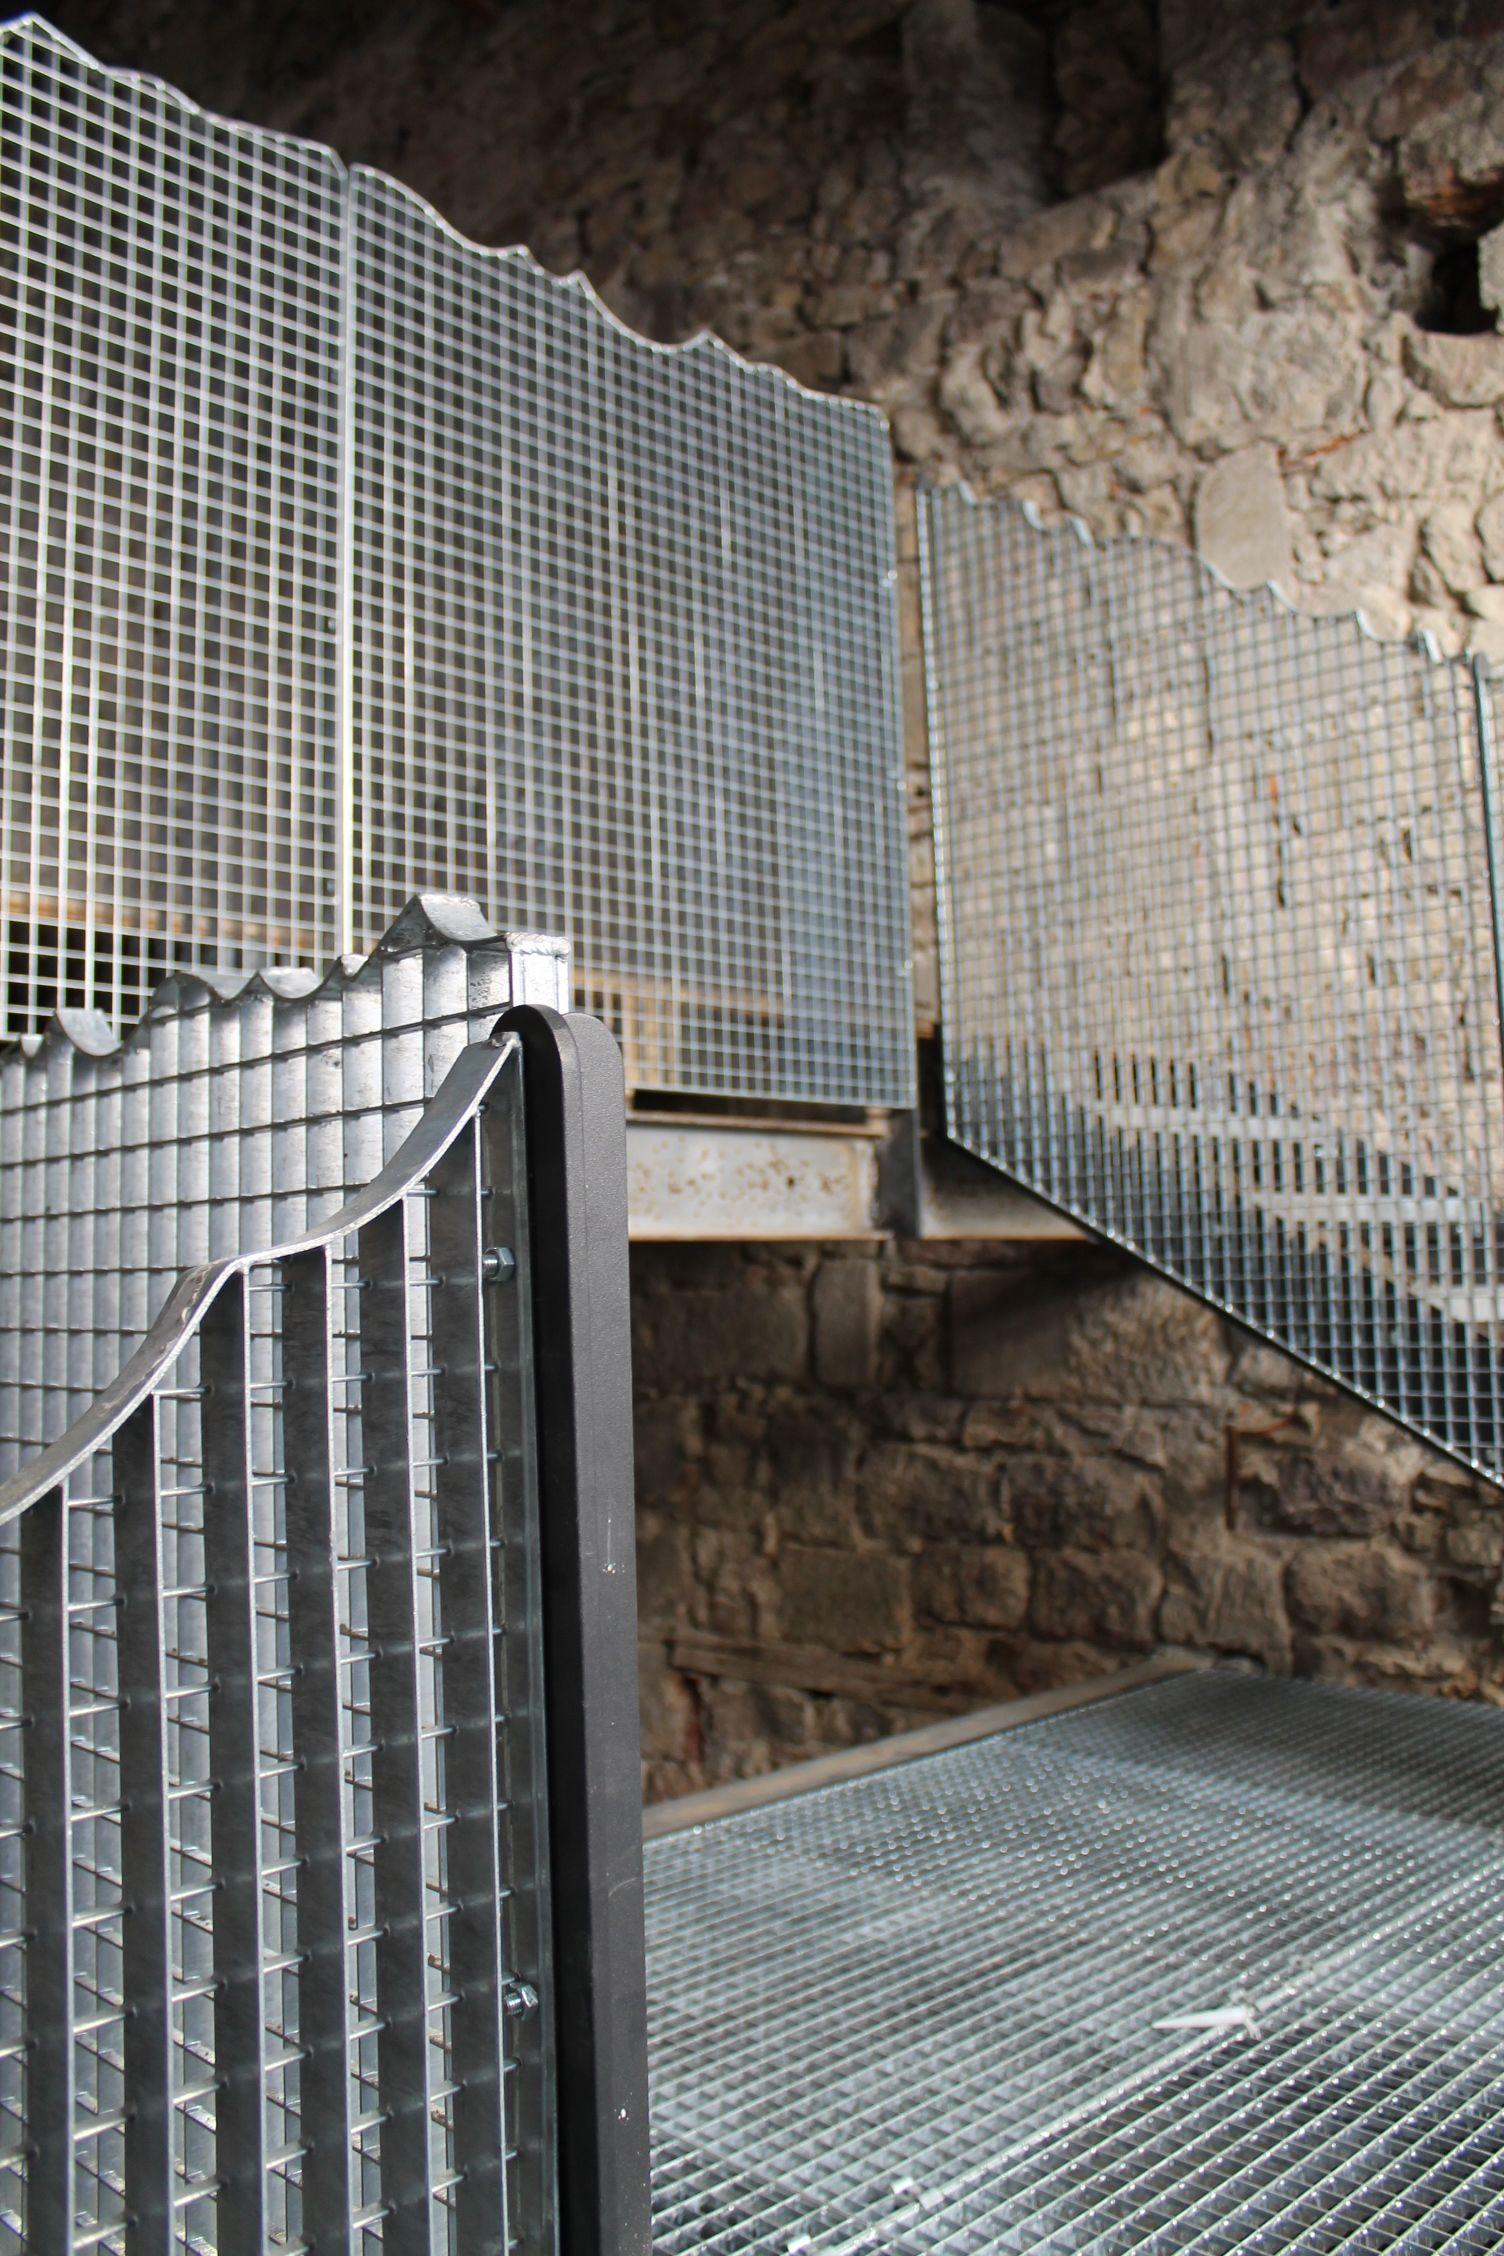 Escalier En Caillebotis Métallique dedans escalier et garde-corps en caillebotis métallique | idees deco